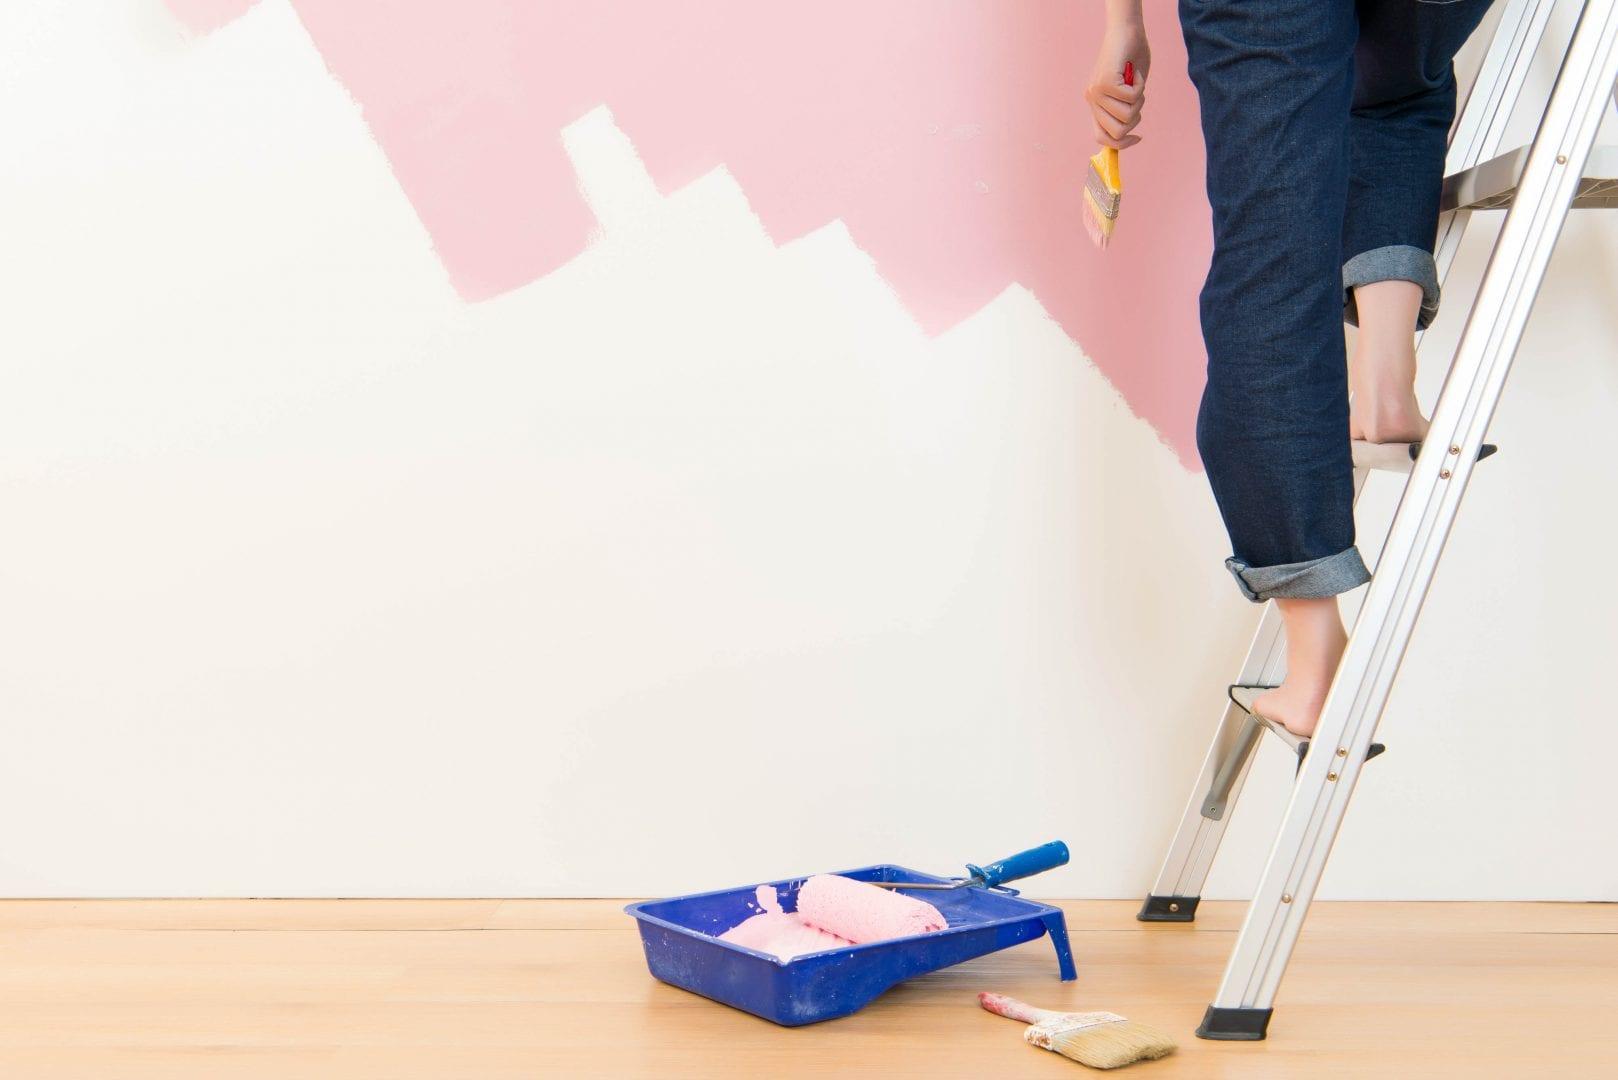 Como pintar parede - O que você precisa e os 11 passos